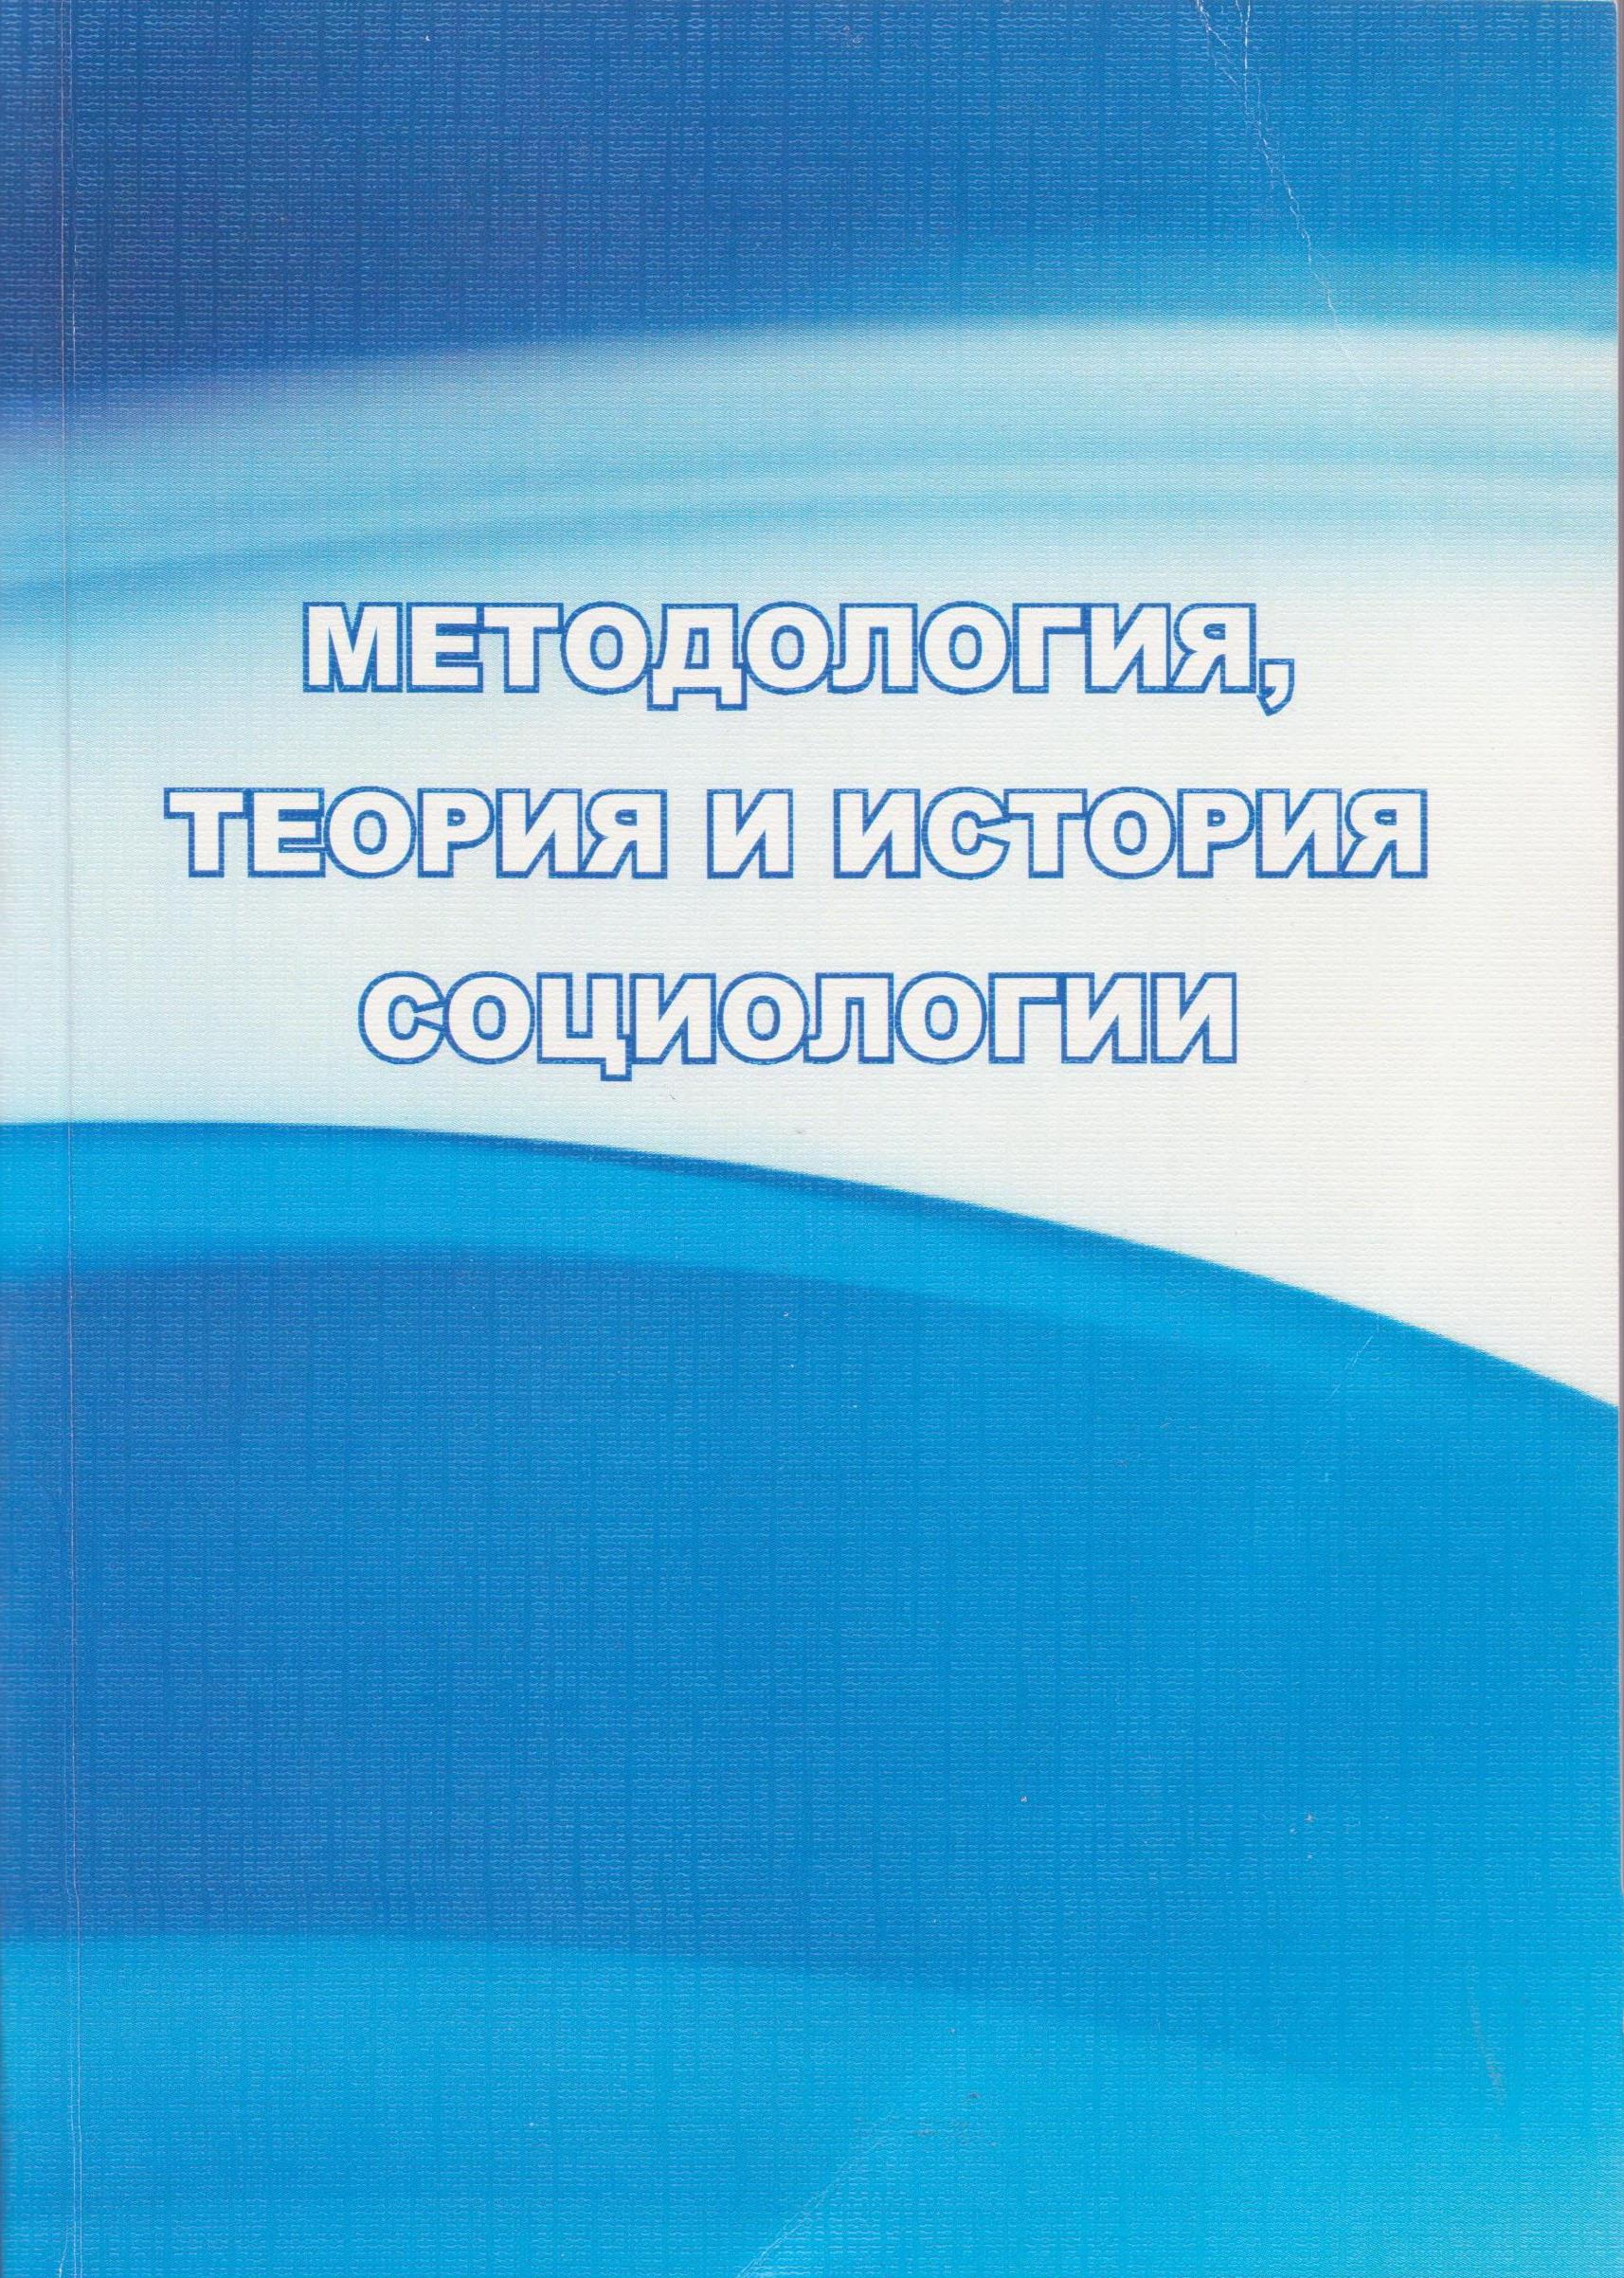 Методология, теория и история социологии